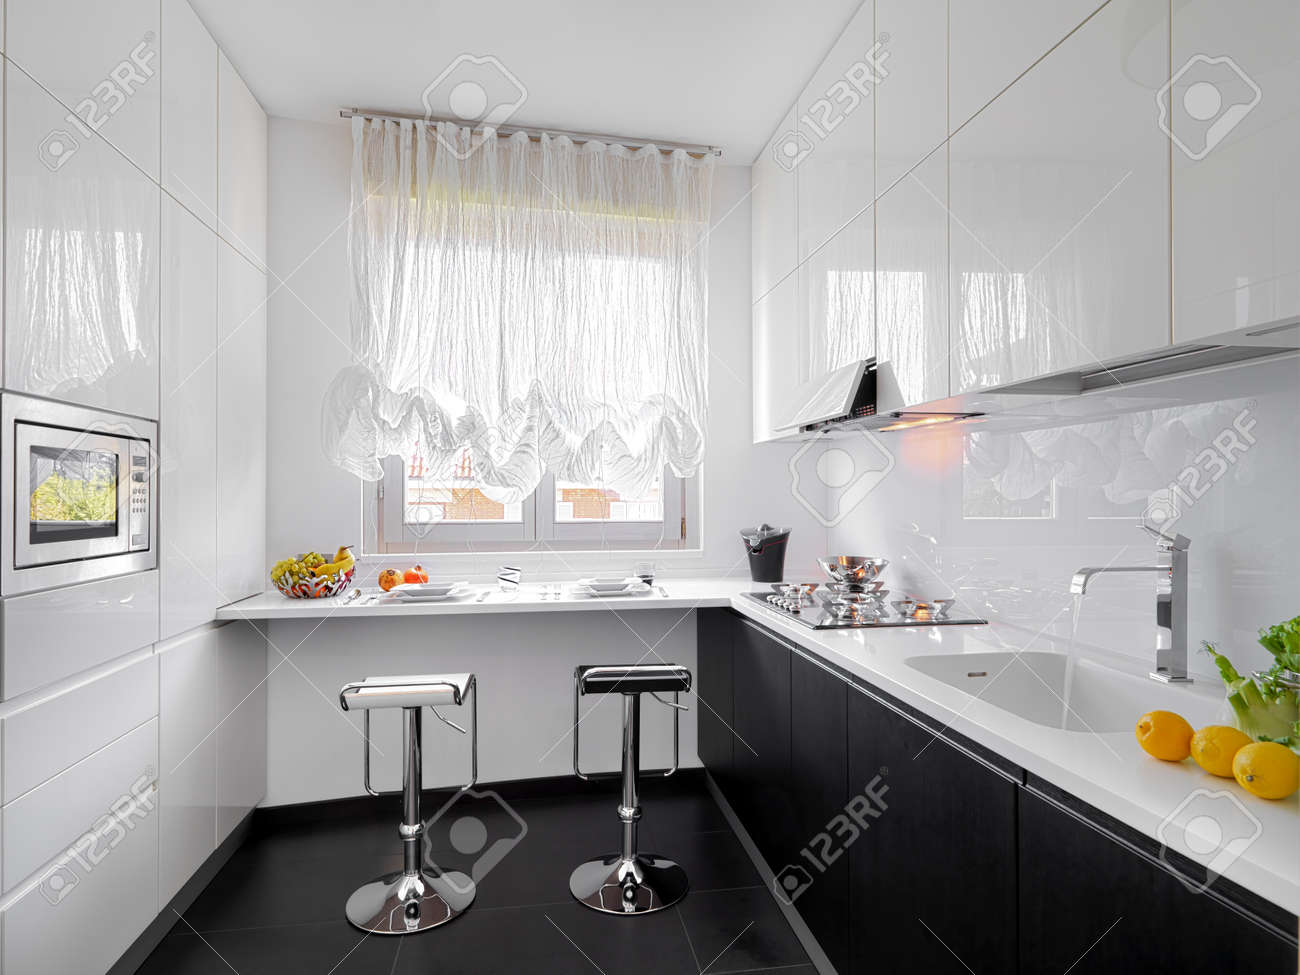 Modernen Weißen Küche Mit Zwei Stühlen In Der Nähe Vor Dem Fenster ...